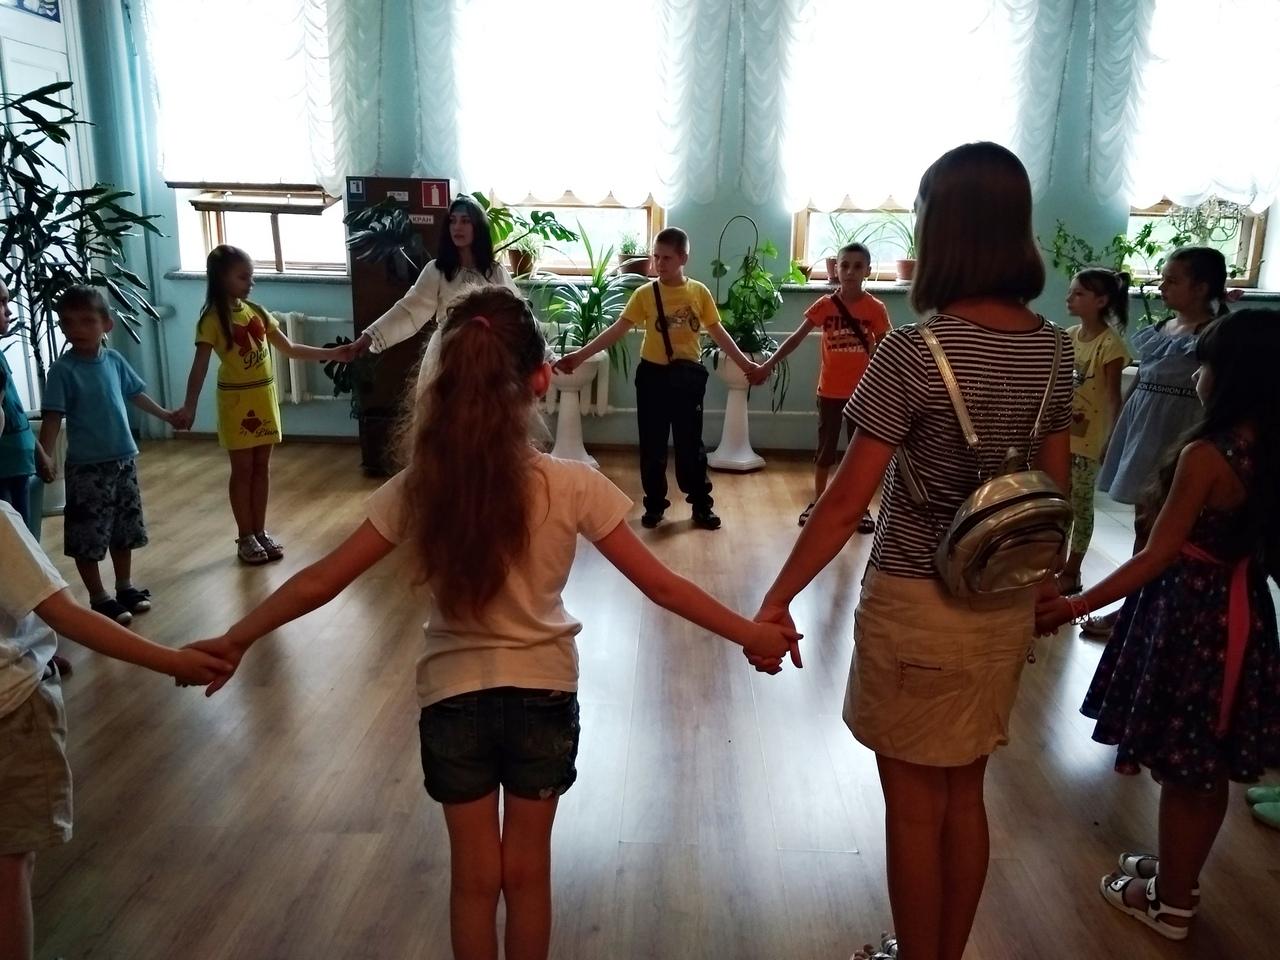 нескучный выходной, Донецкая республиканская библиотека для детей, лето в библиотеке, фольклорный праздник